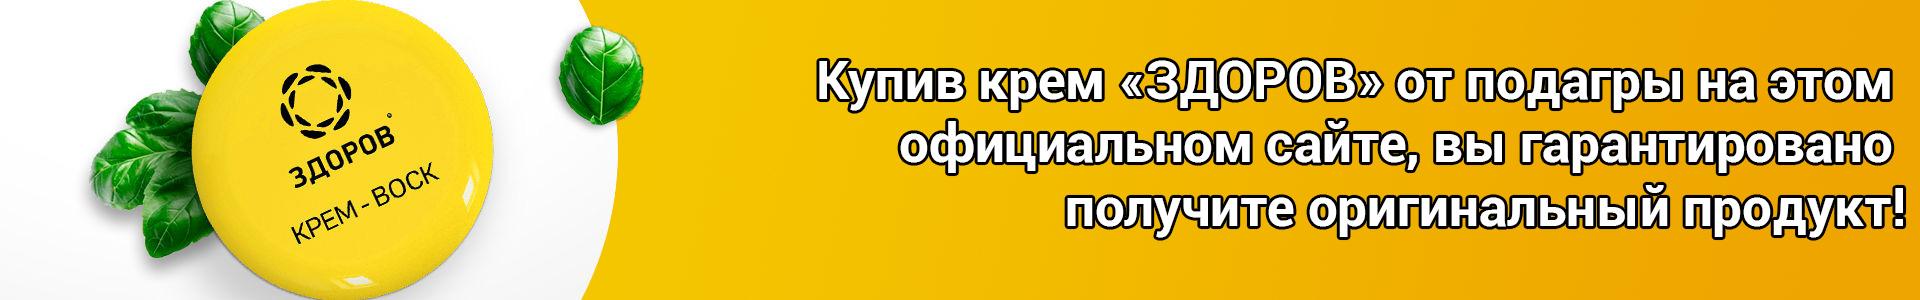 """Купить крем от подагры на официальном сайте """"Здоров"""""""